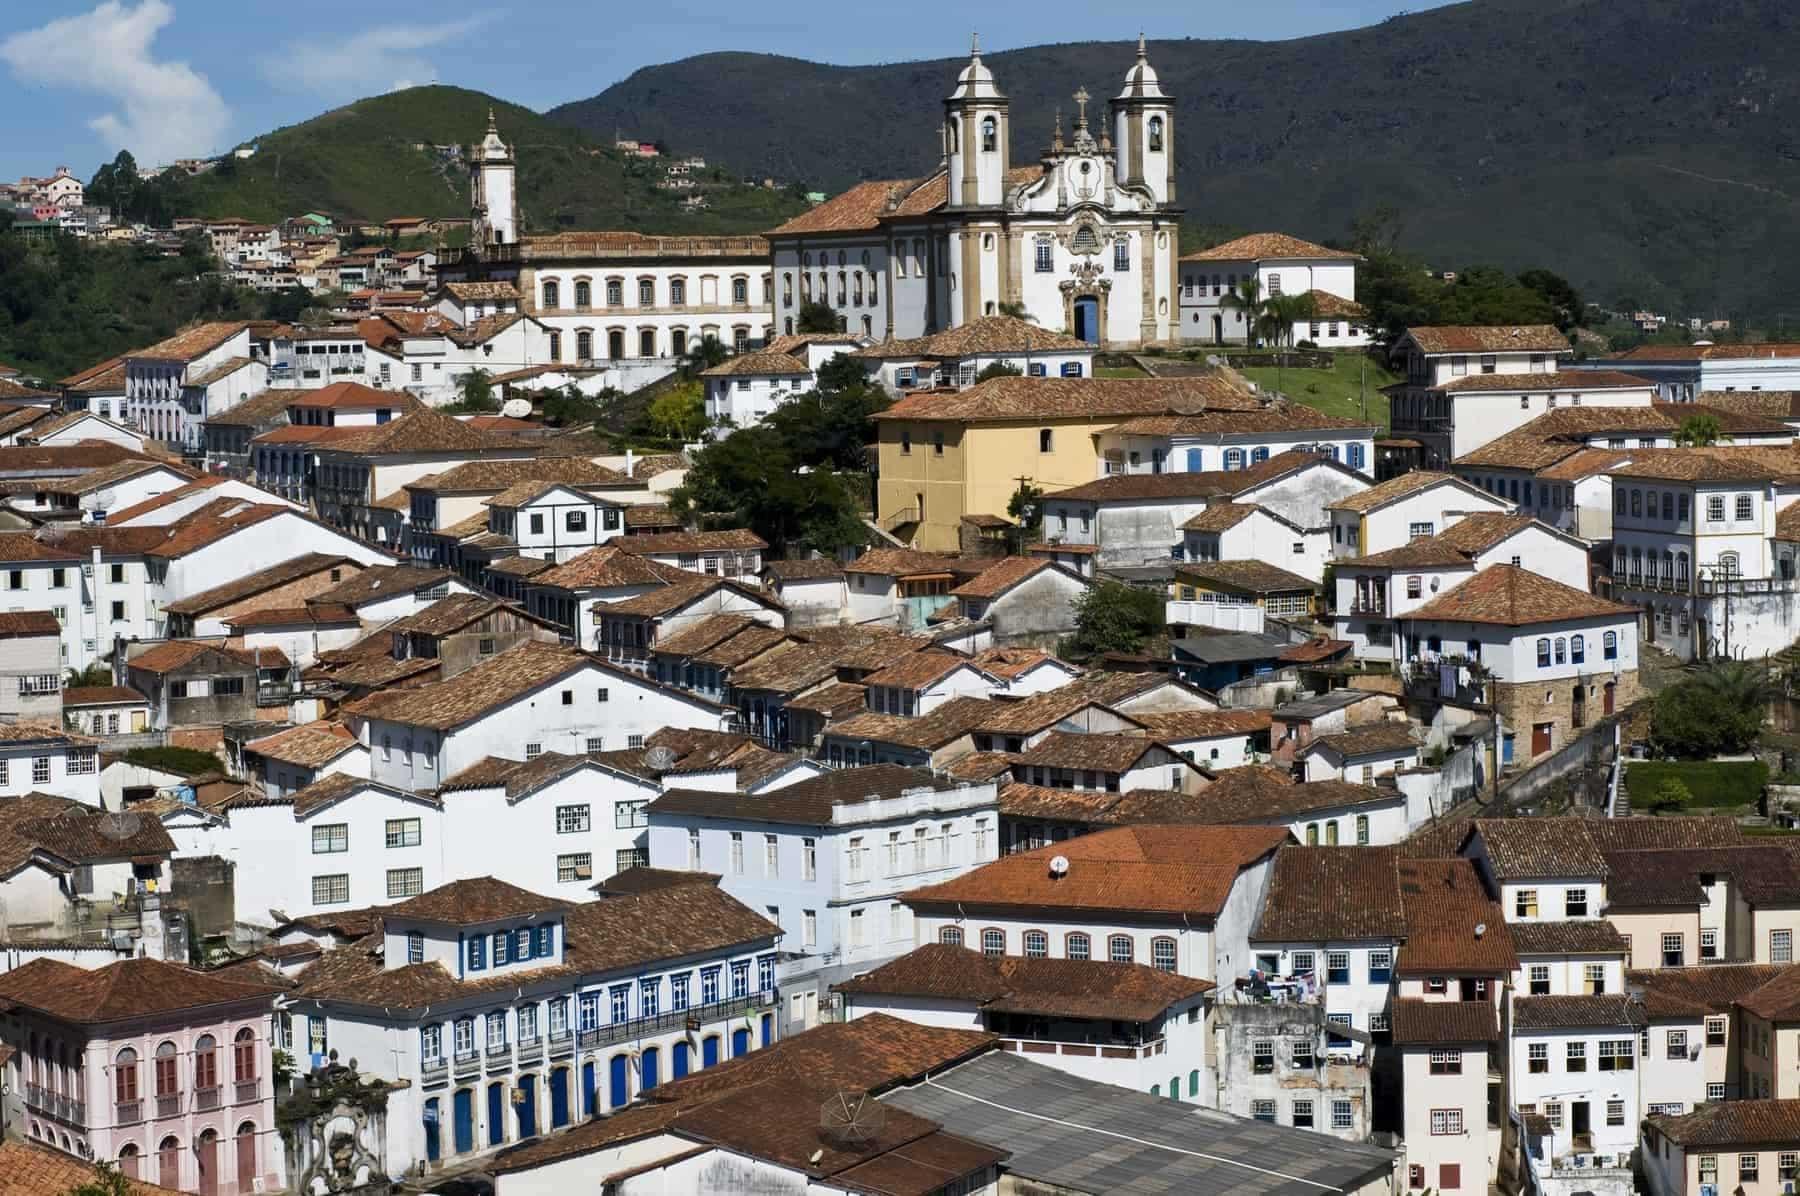 Brazil Ouro Preto town